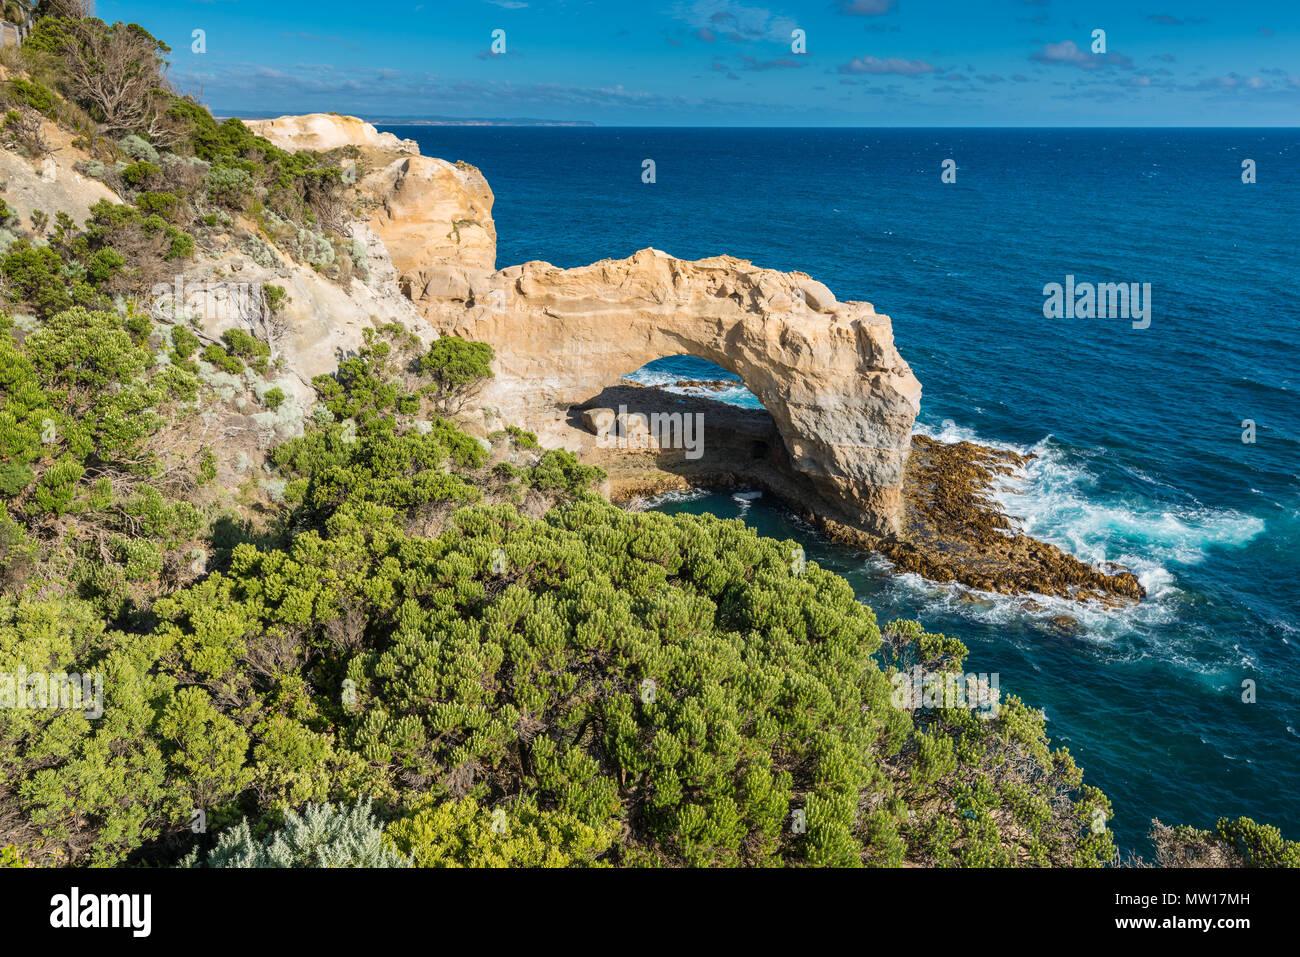 L'Arche, une formation rocheuse calcaire naturel dans le parc national de Port Campbell, Victoria, Australie. Photo Stock